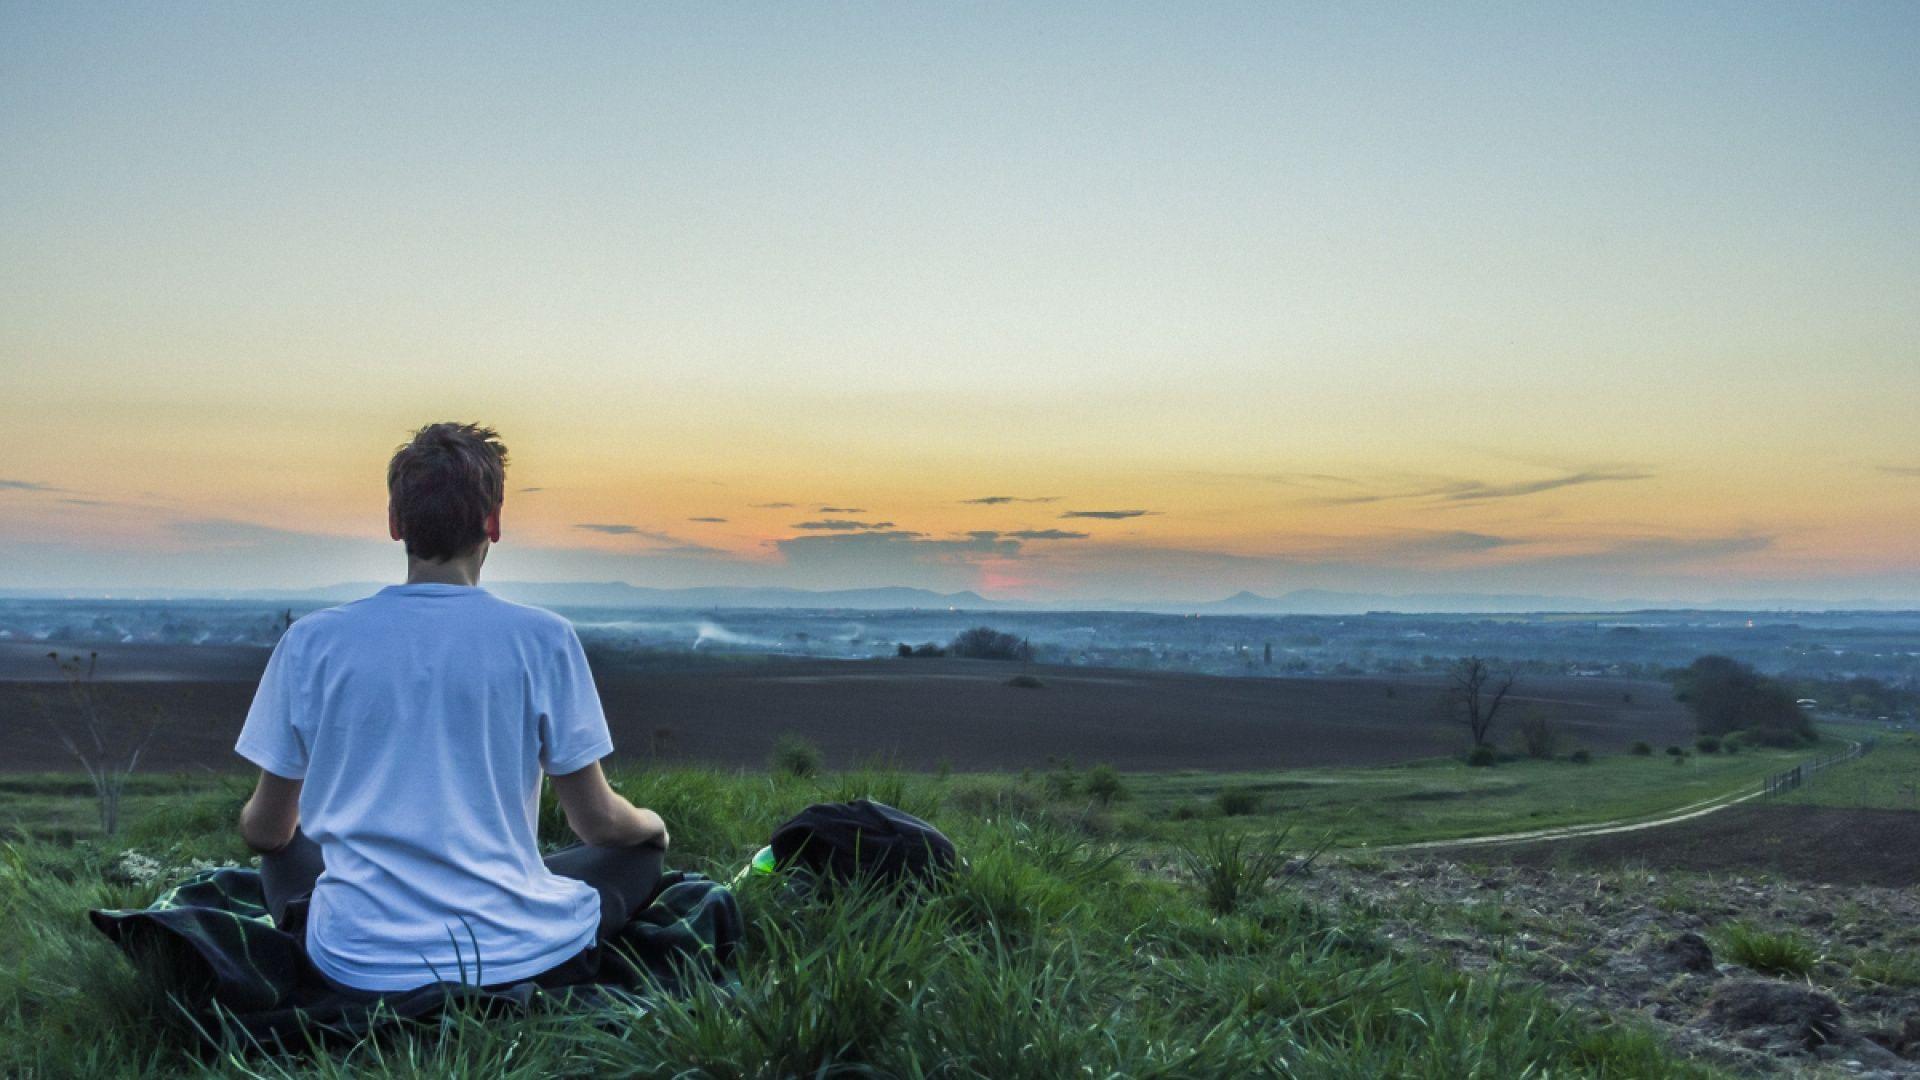 Meditation wallpaper photo full hd